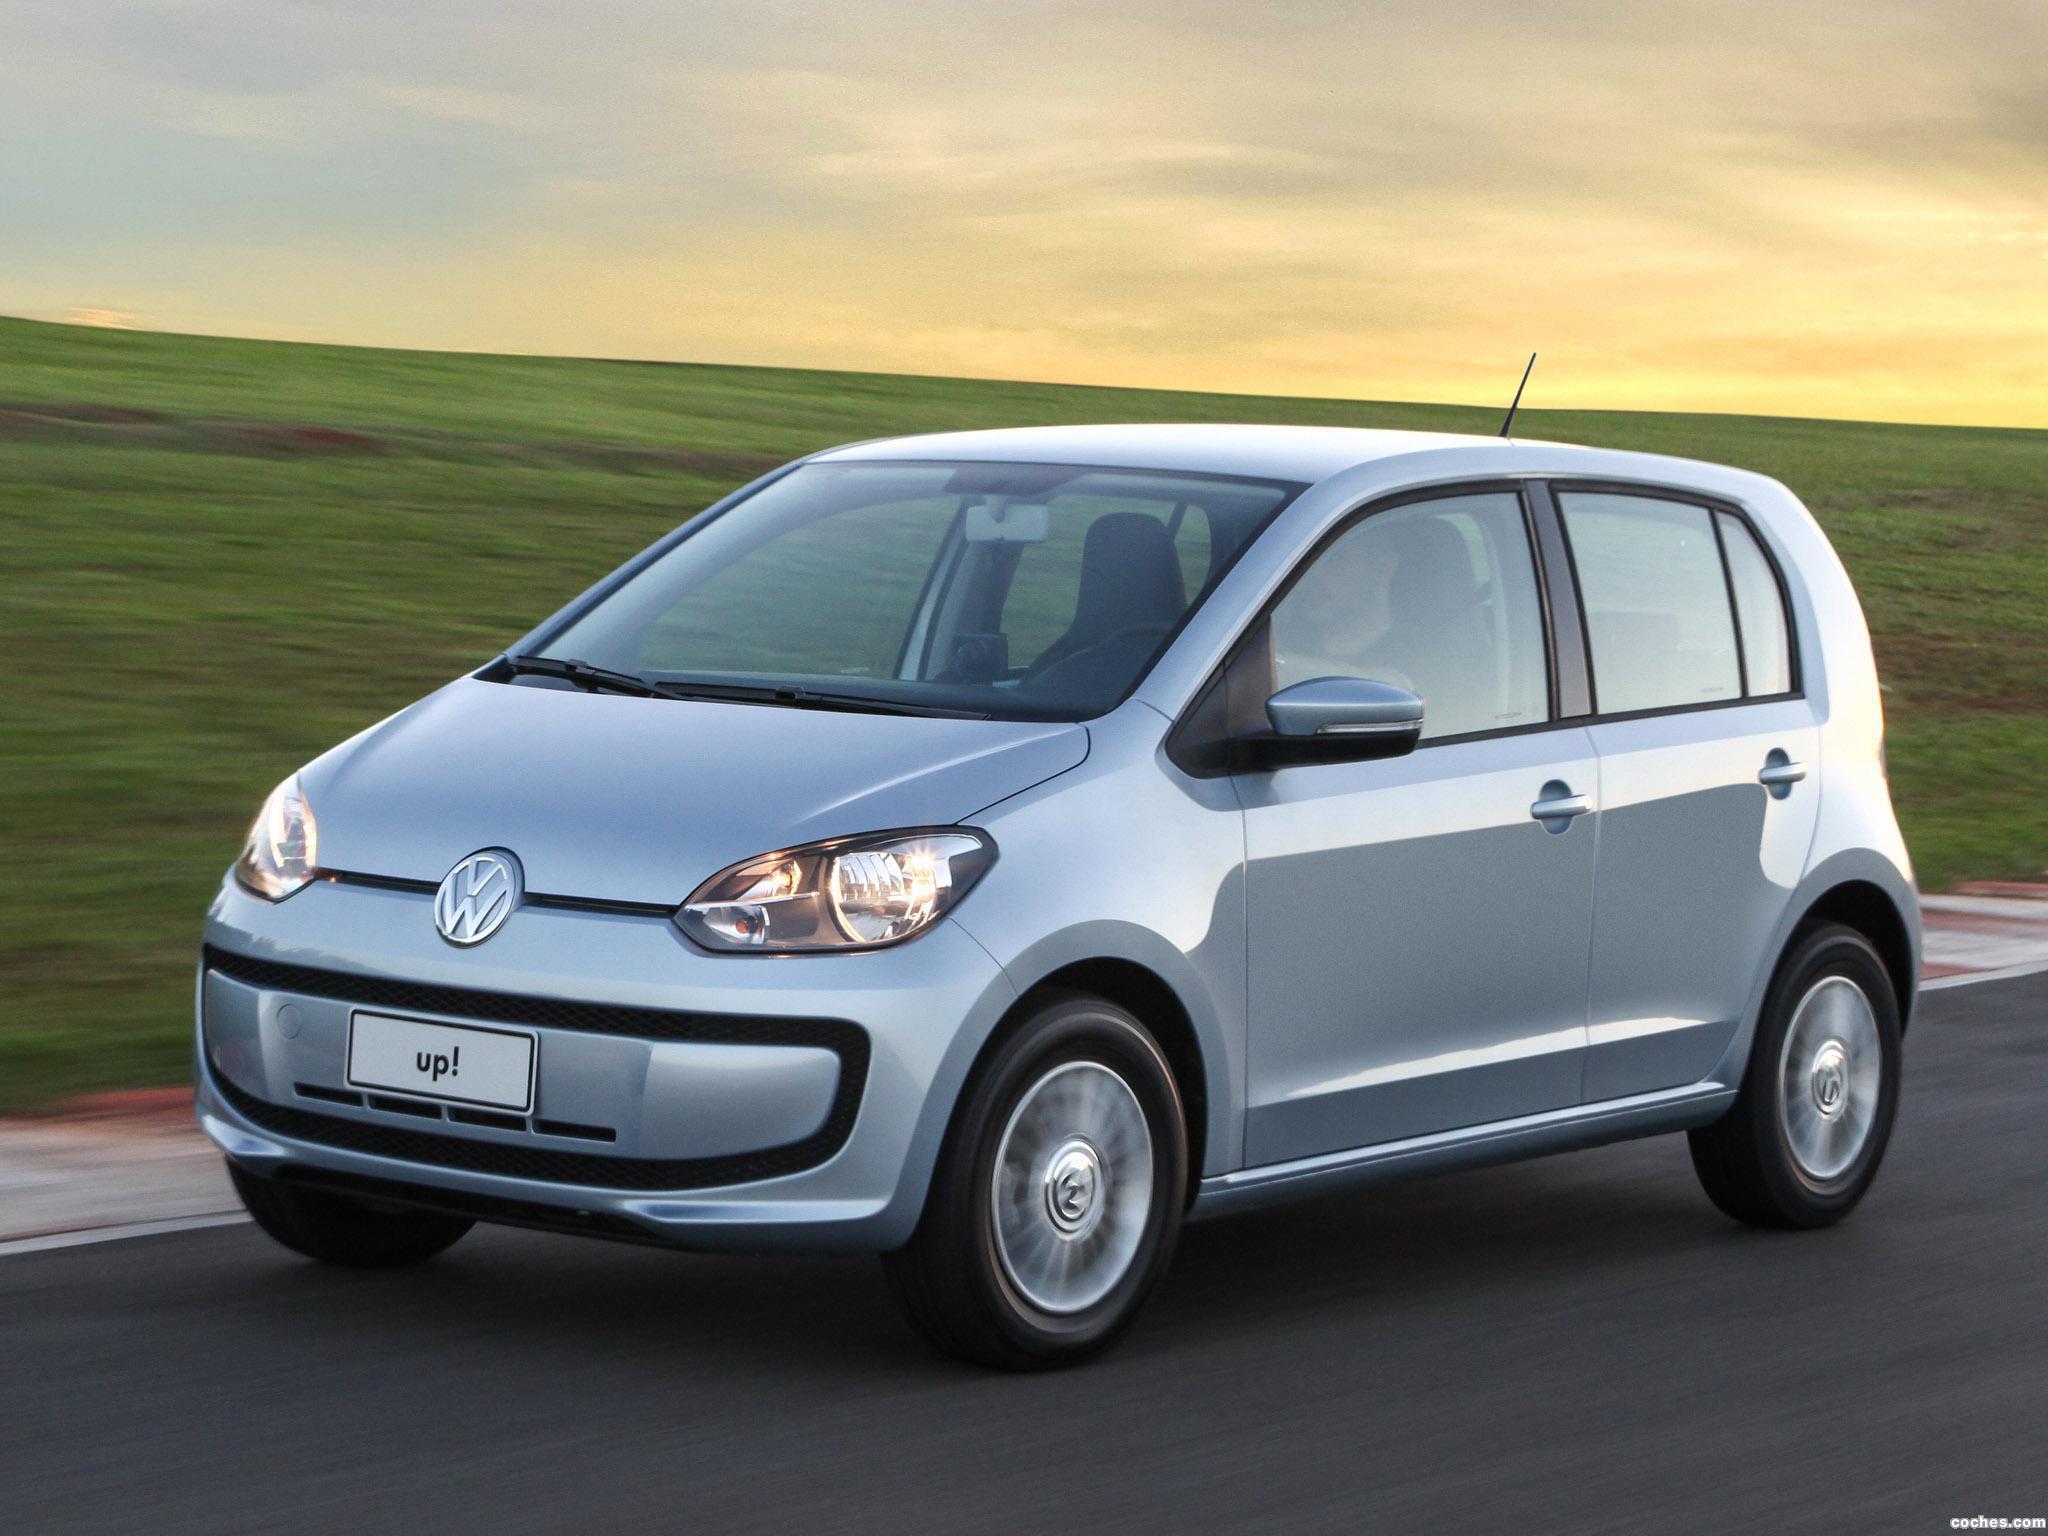 Foto 0 de Volkswagen Up! Brasil 2014